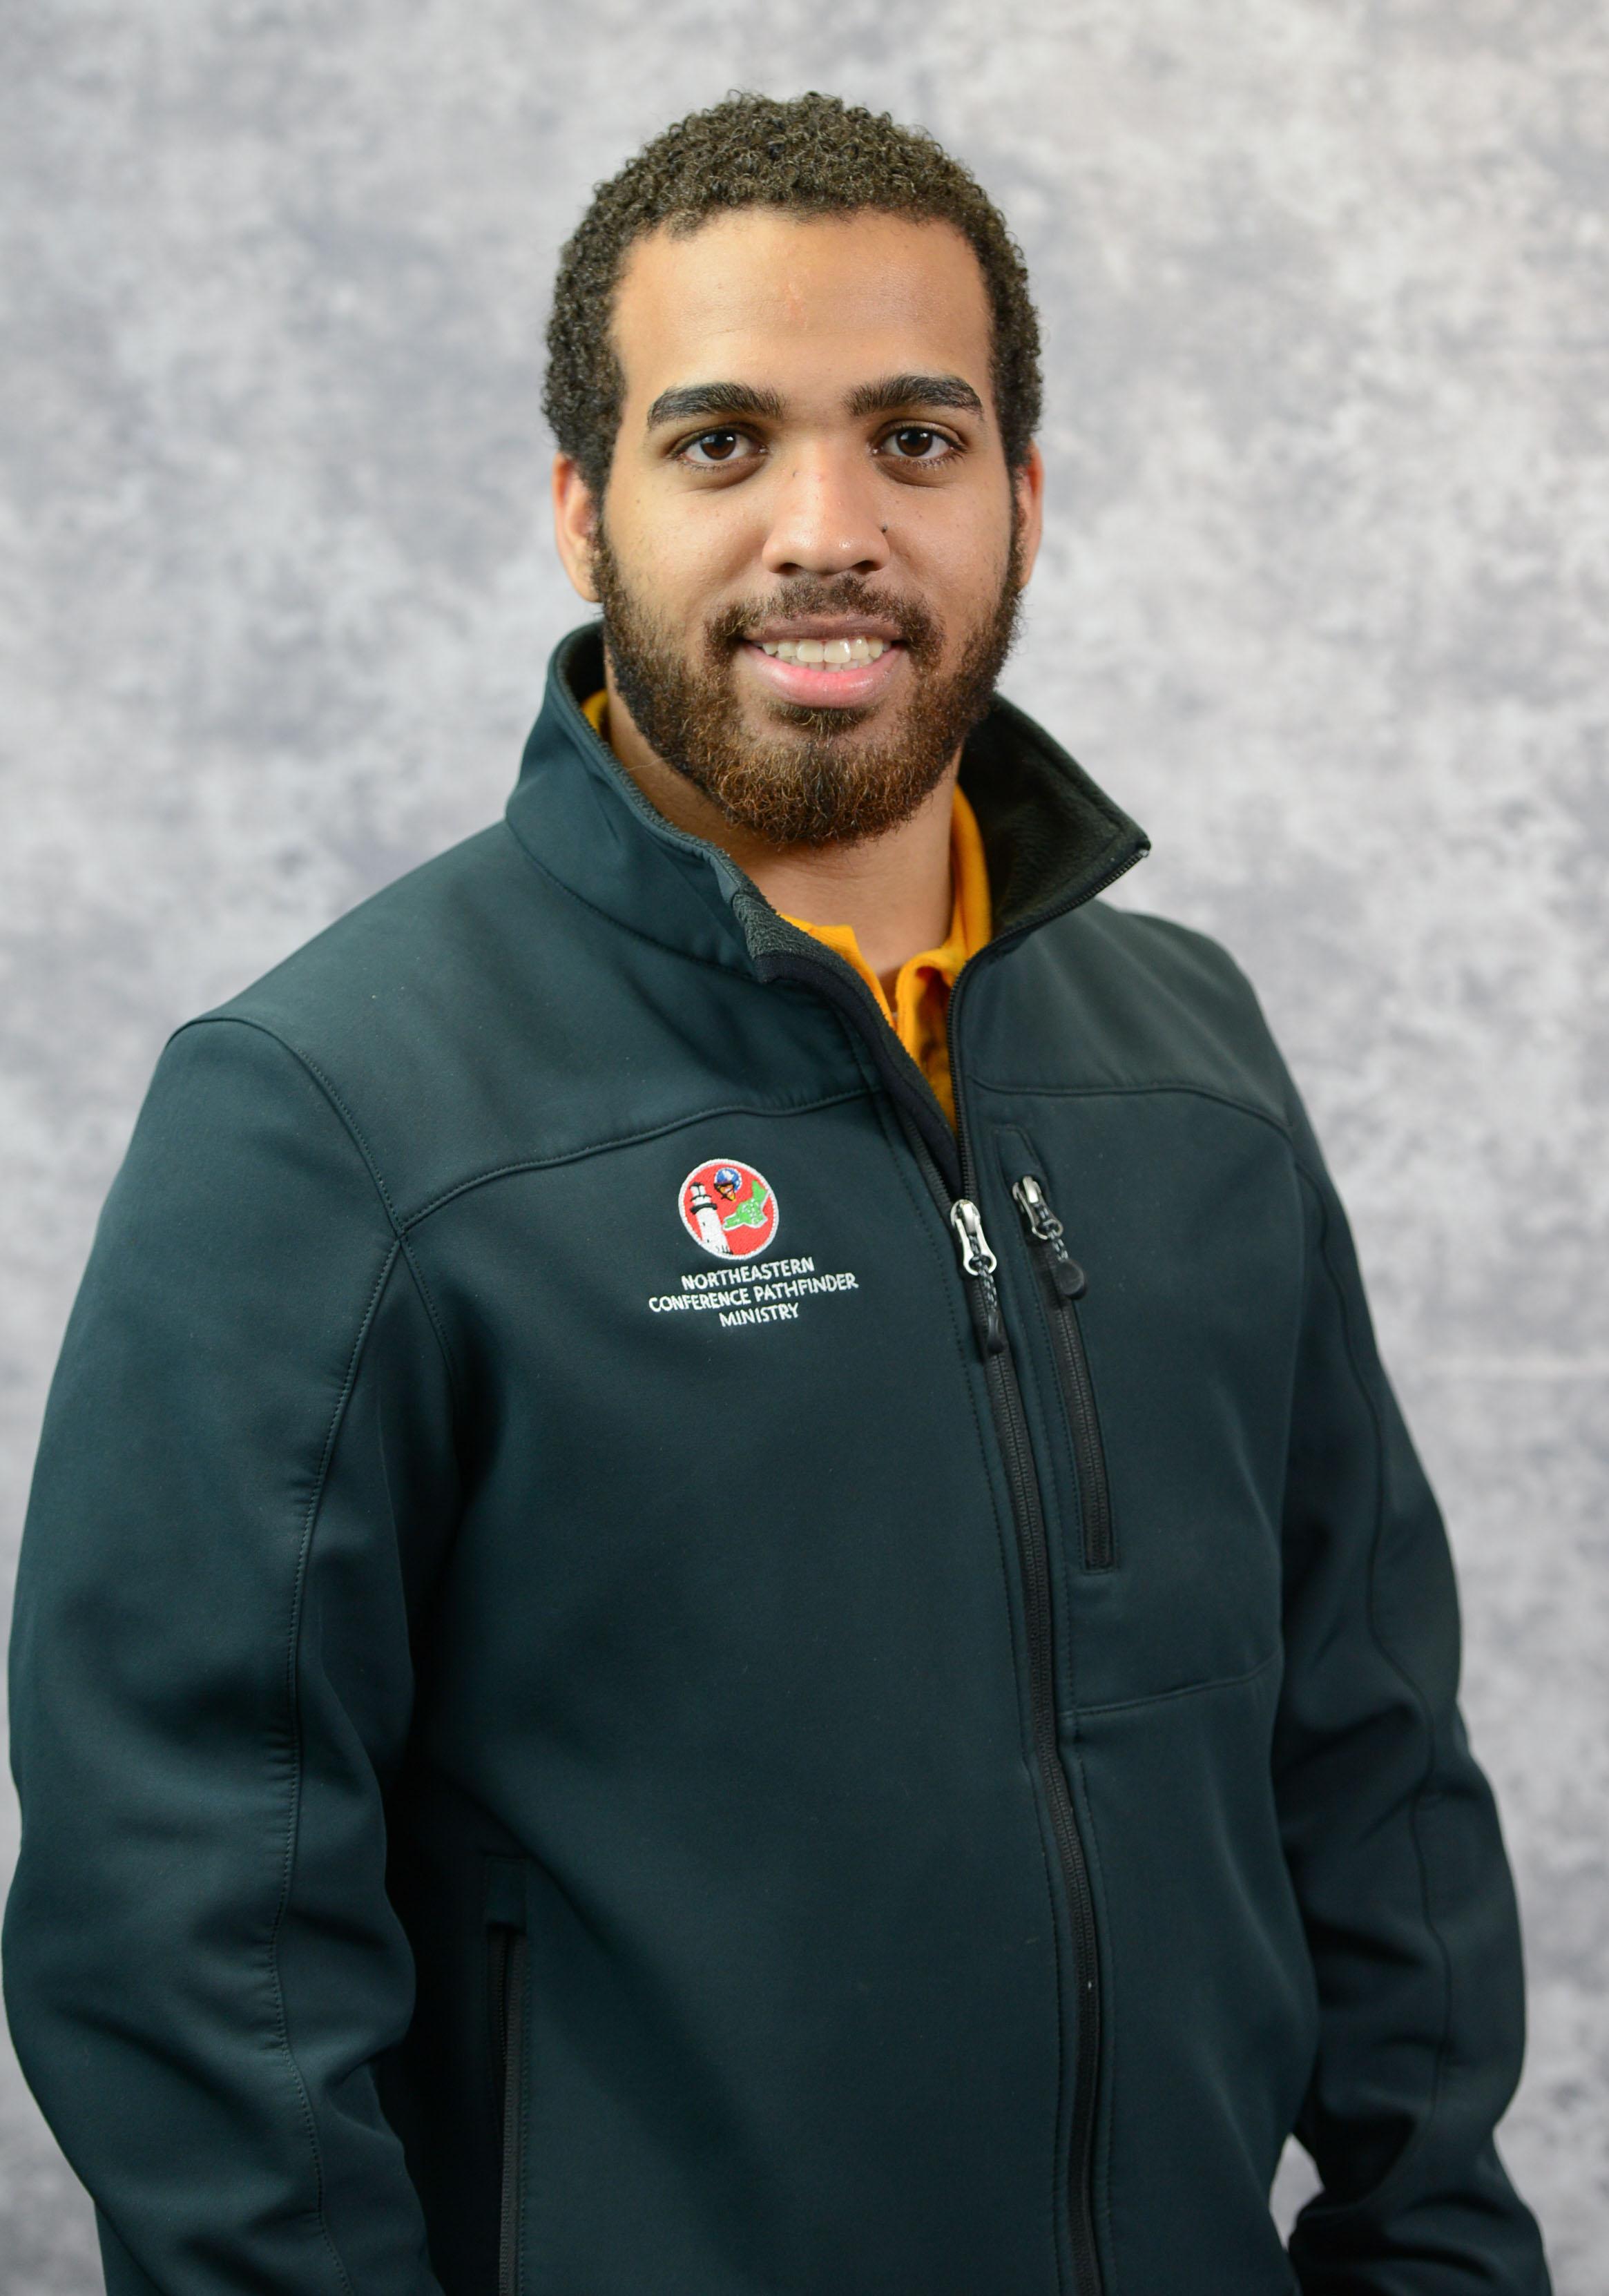 Samuel Cruz, Asst. Coord. NEN Hispanic